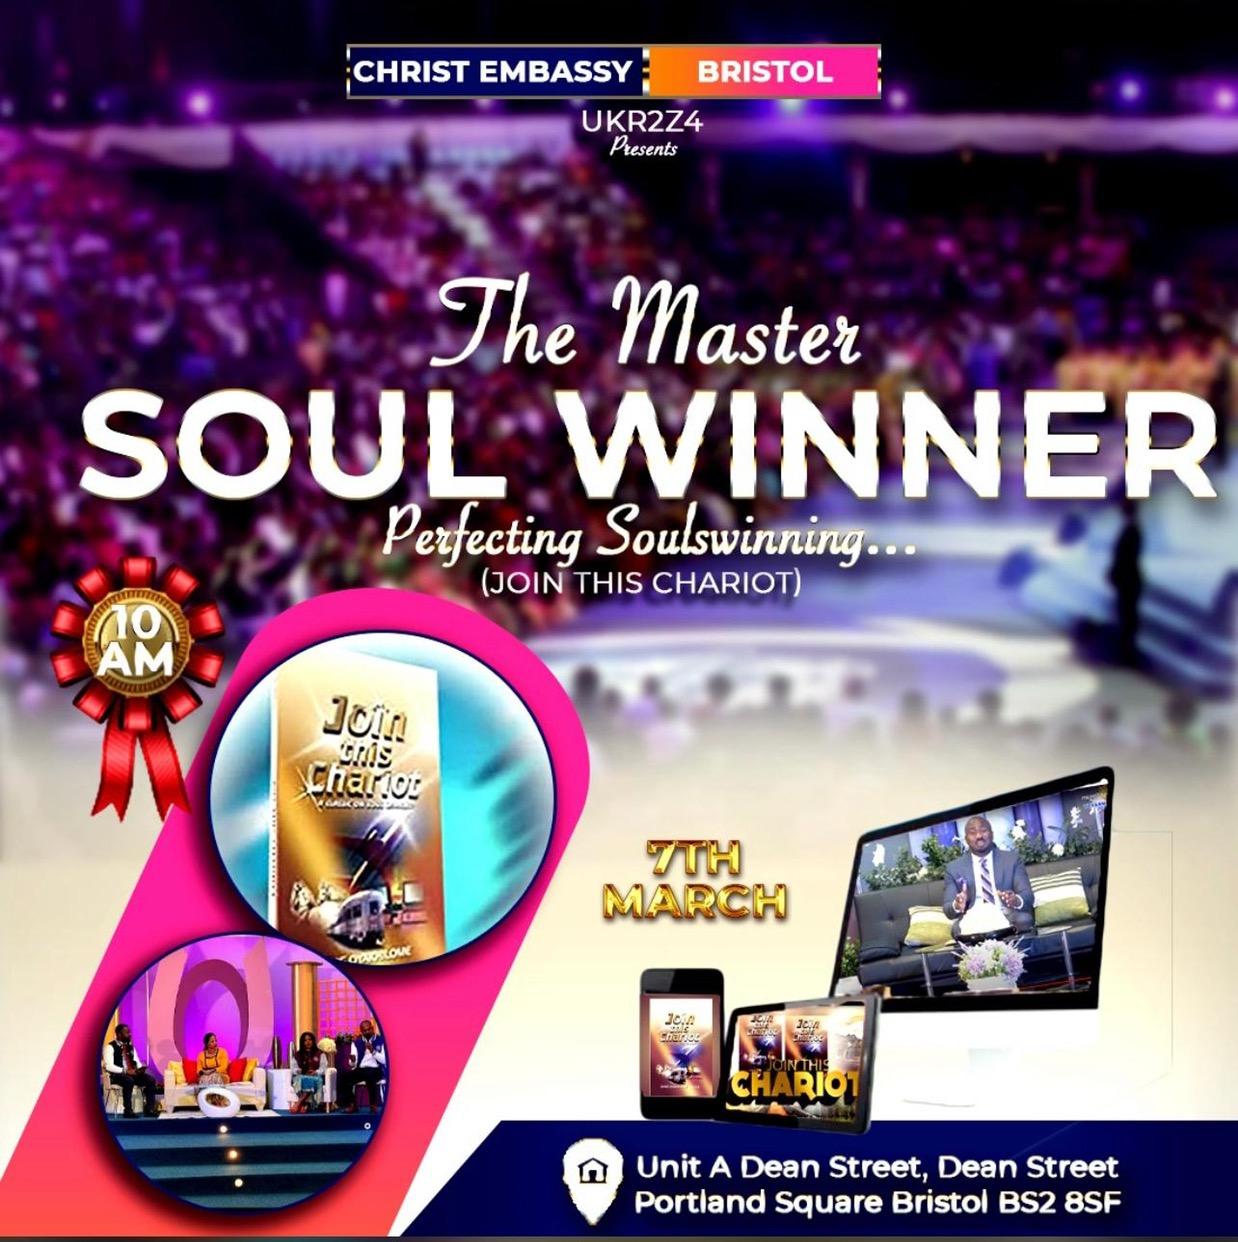 The Master soul winner✨ 7th